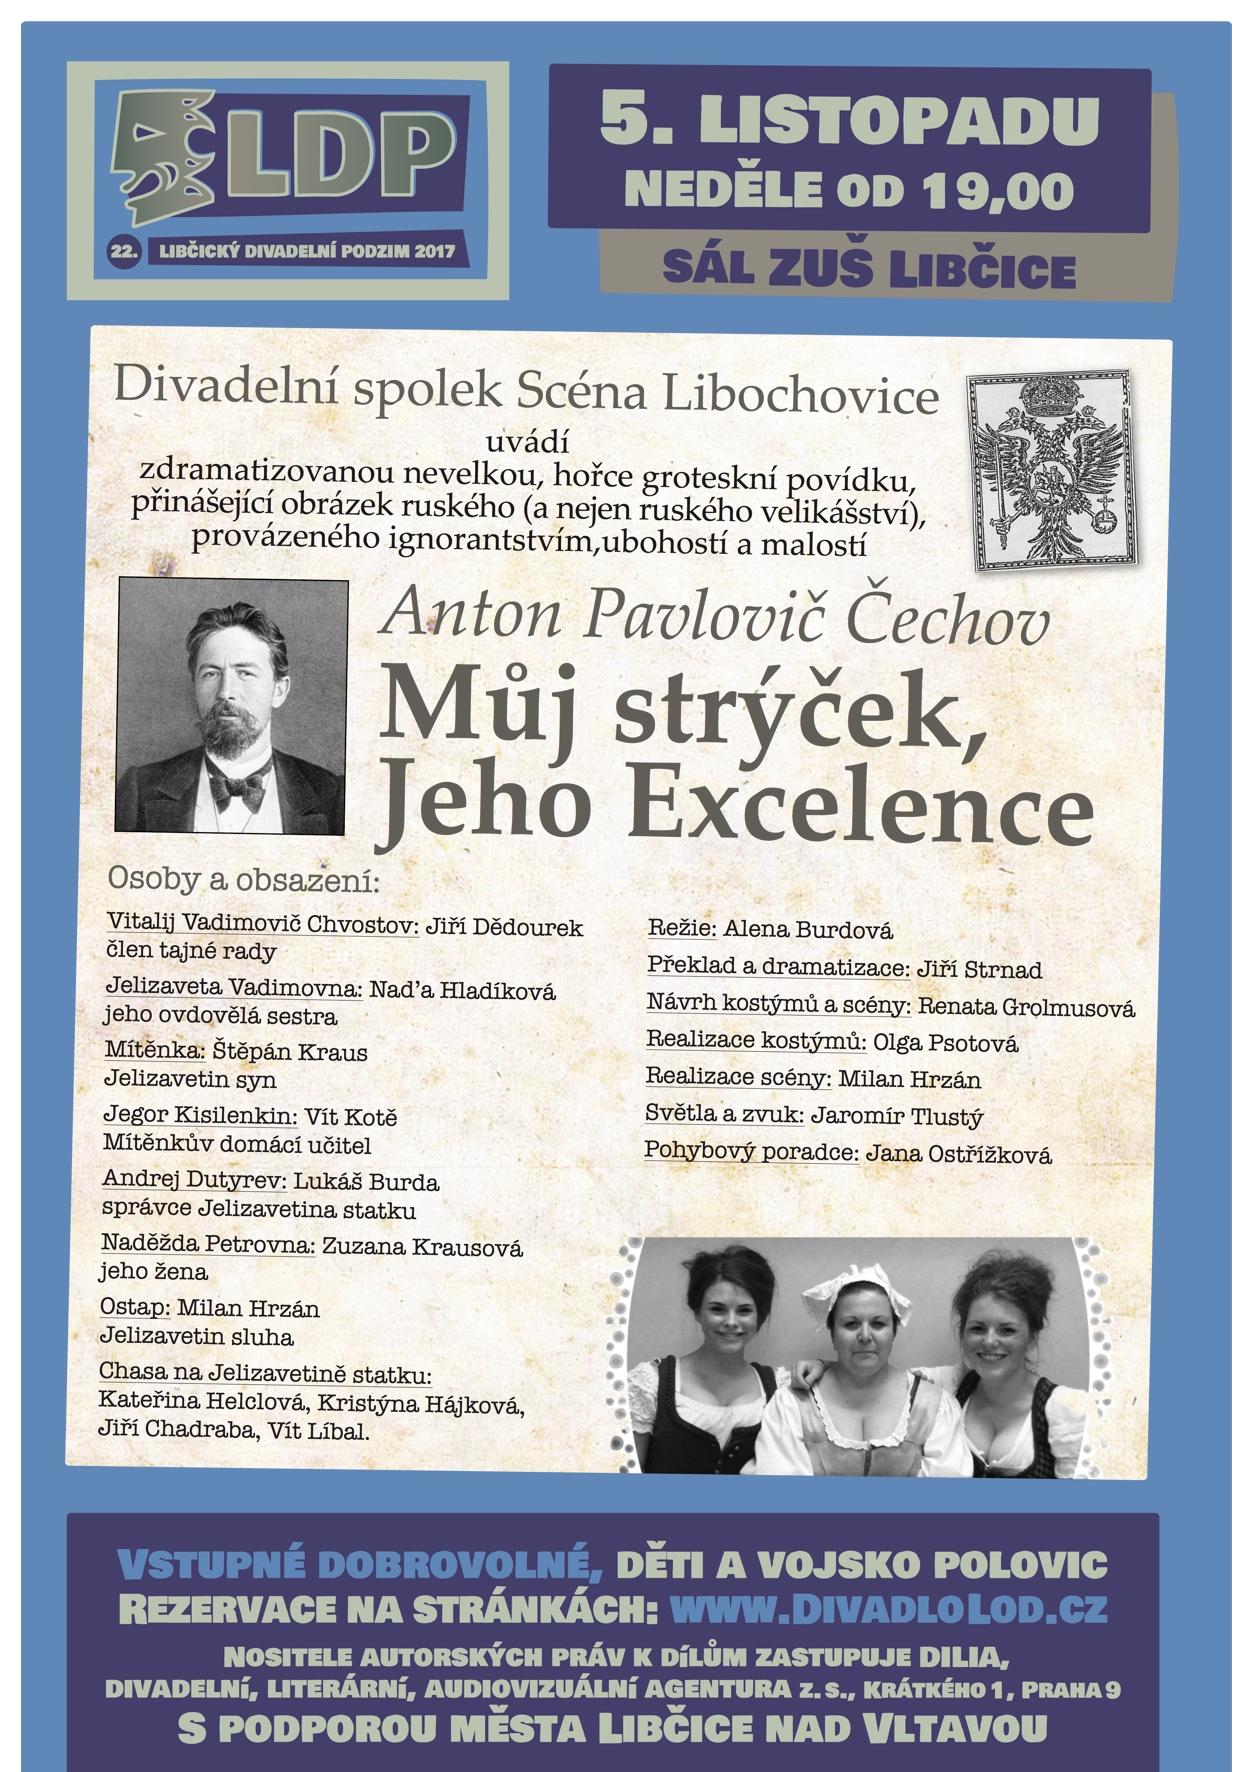 LDP2017: Muj strycek Jeho Excelence